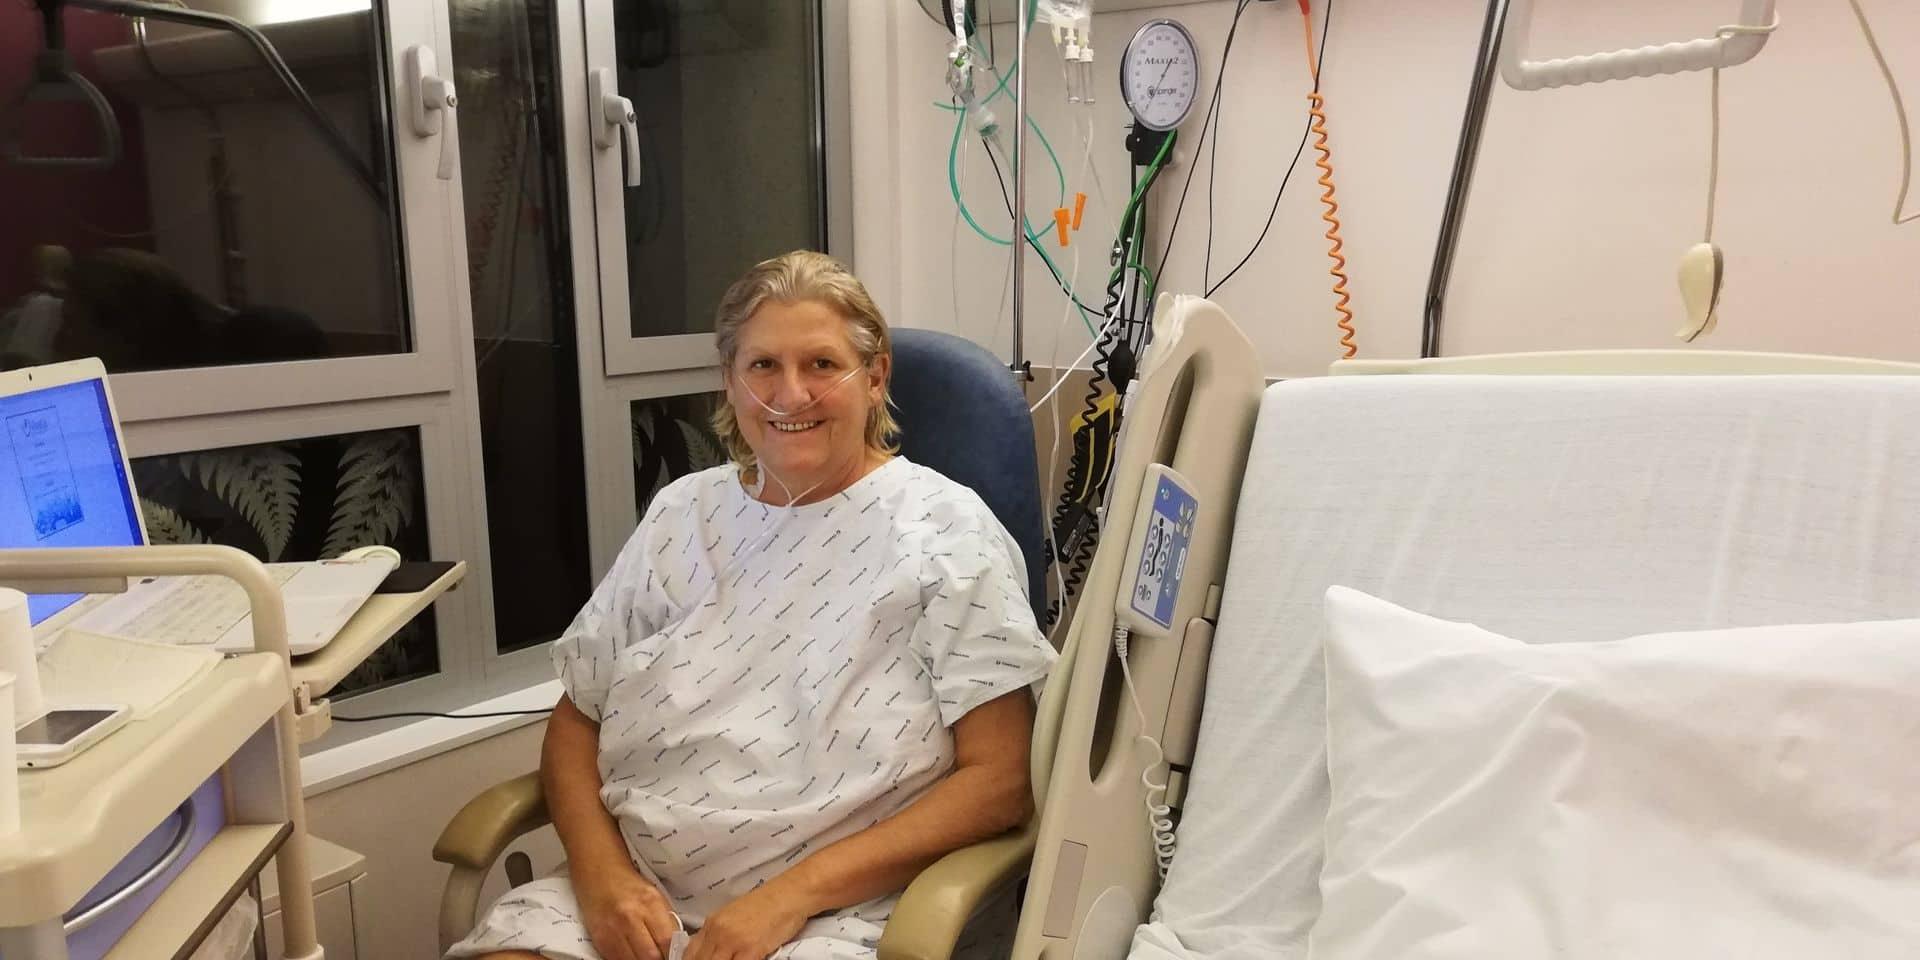 Libramont: Véronique s'attendait à souffrir à l'hôpital. Ce fut loin d'être le cas!